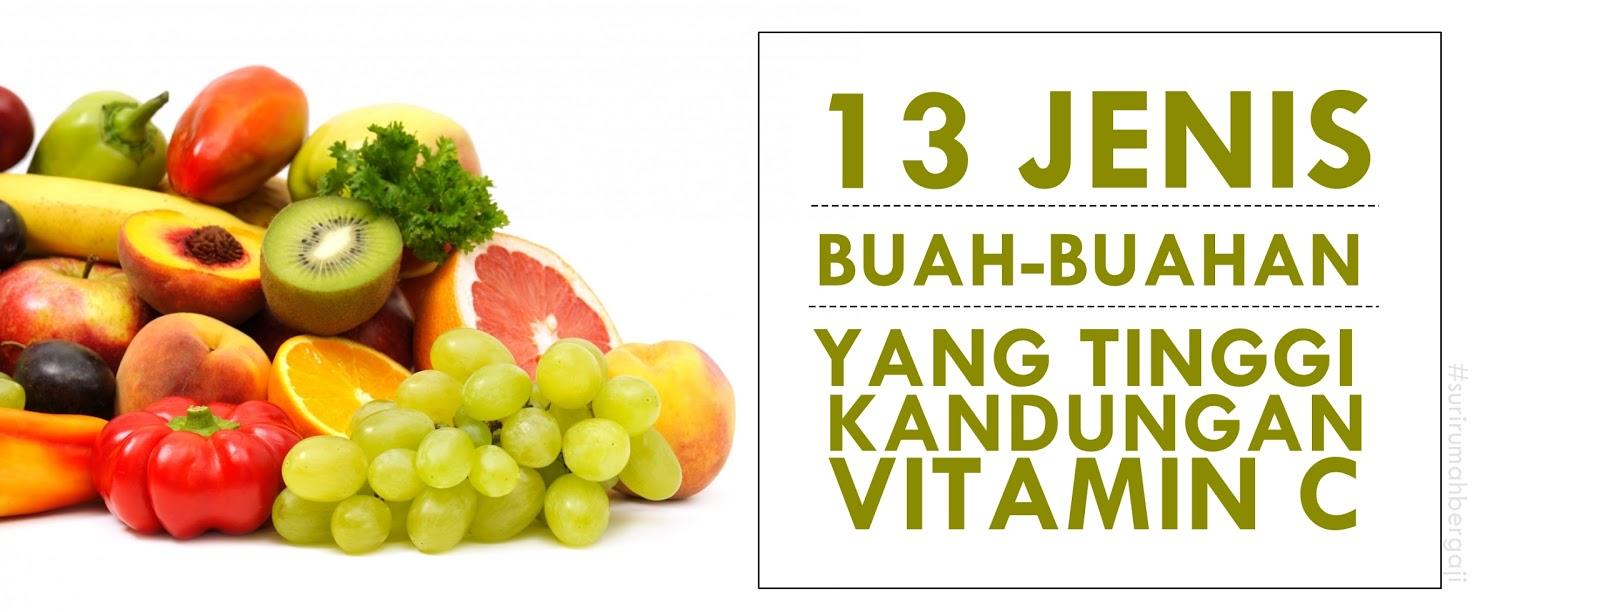 Atiehilmi Com Malaysian Lifestyle Blogger 13 Jenis Buah Buahan Yang Tinggi Kandungan Vitamin C